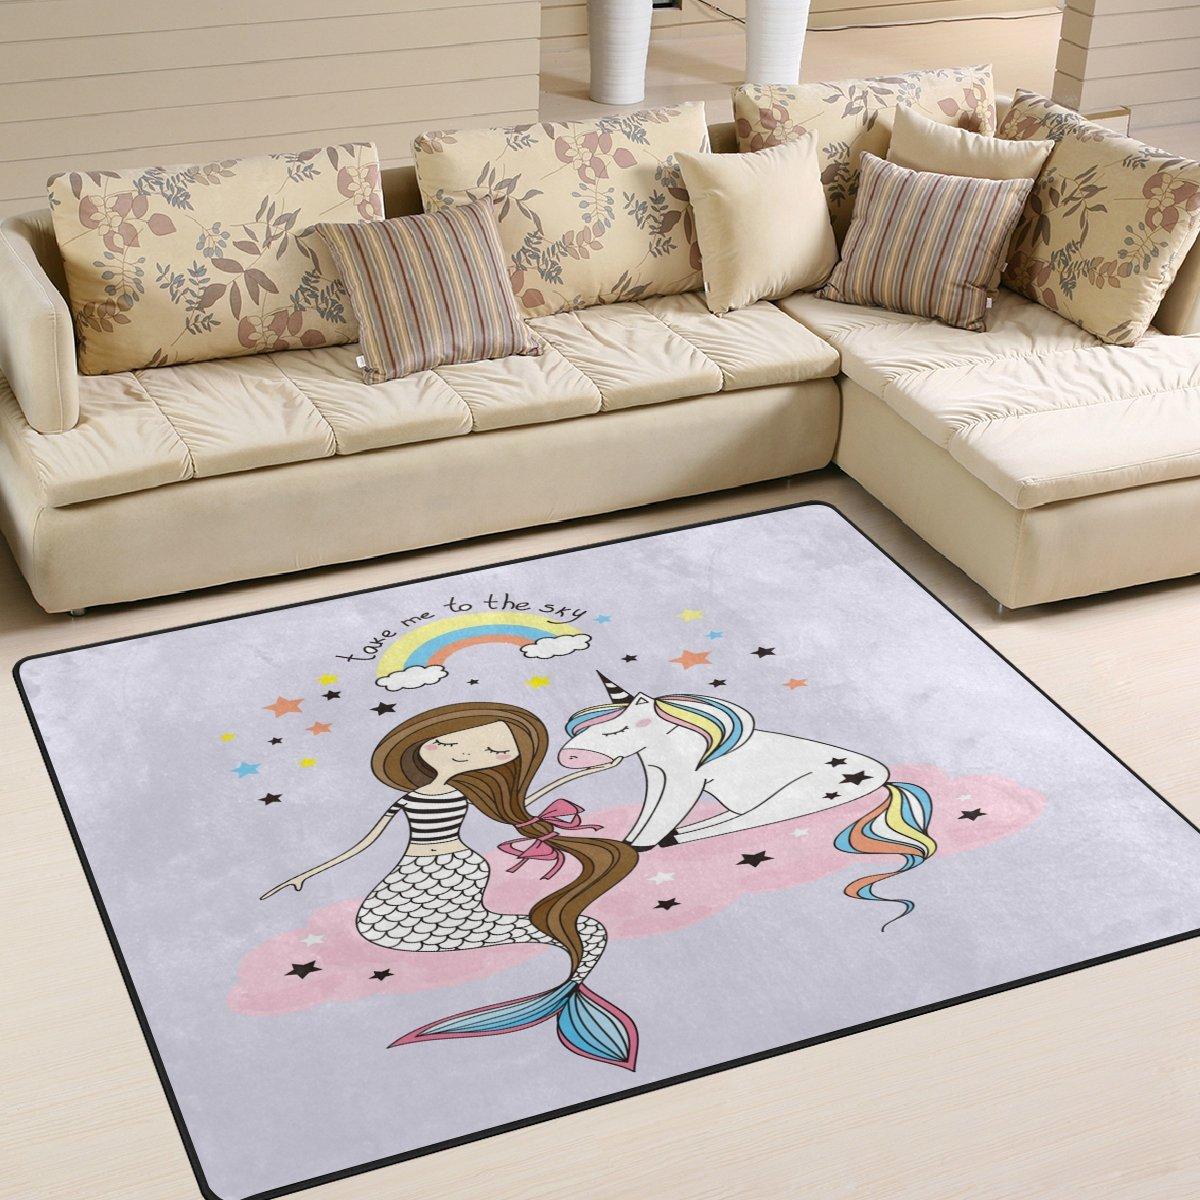 Domoko Cartoon Rainbow Cloud Cloud Cloud Meerjungfrau Einhorn Star Bereich Teppich Teppiche Matte für Wohnzimmer Schlafzimmer, Textil, Mehrfarbig, 160cm x 122cm(5.3 x 4 feet) B07FTGK3JY Teppiche 3f0984